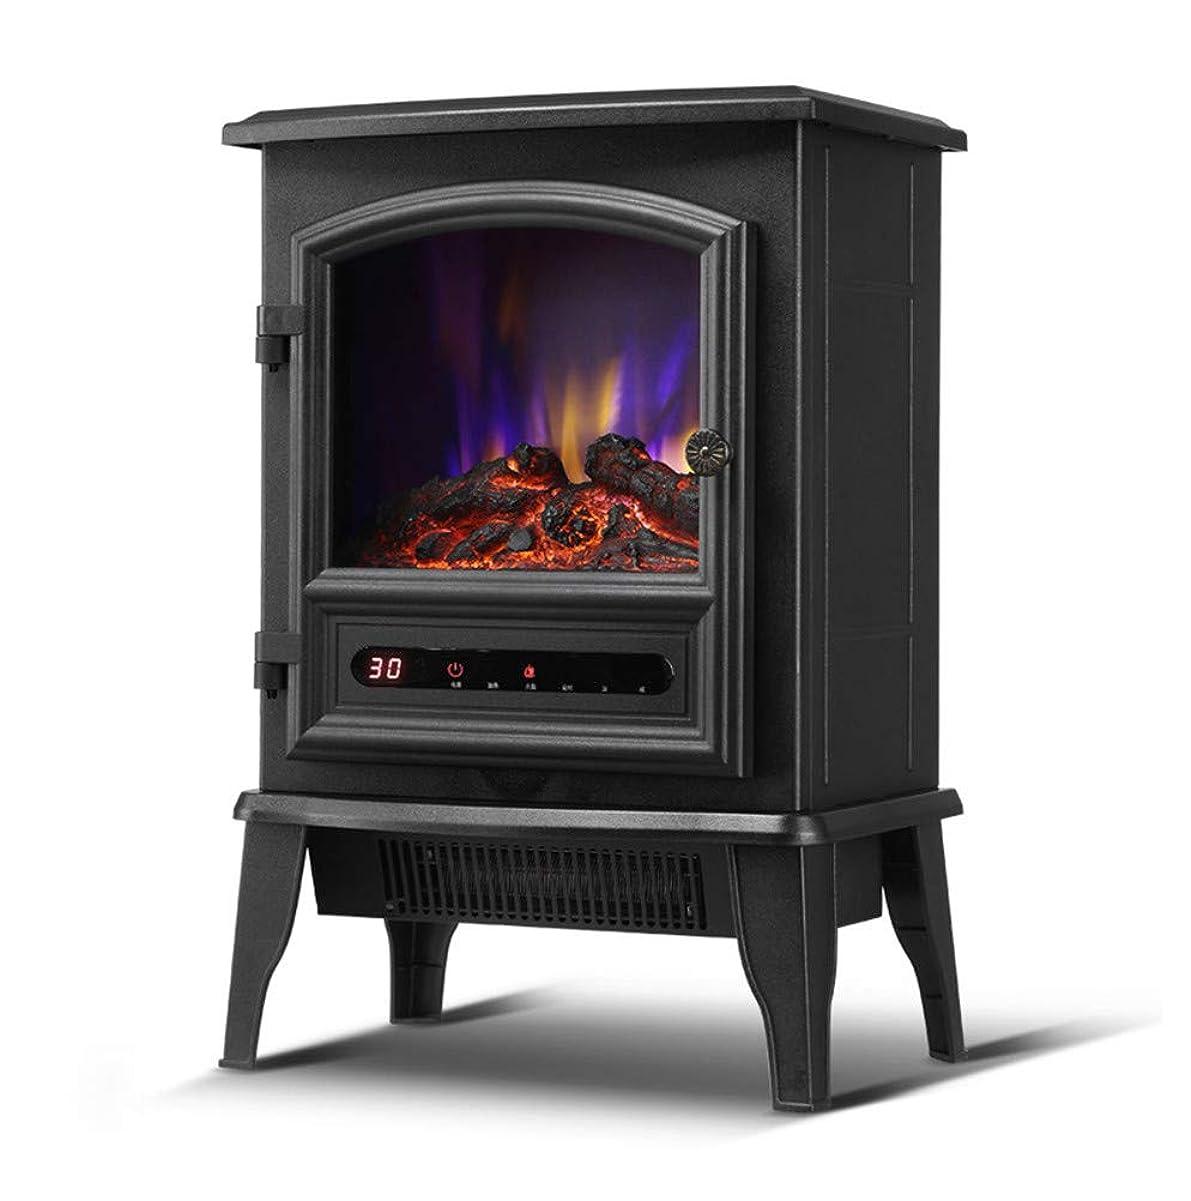 王位機知に富んだ部電気ストーブヒーター(リモート付き)、LED燃焼フレーム効果、調節可能なサーモスタットおよび過熱保護付きのビンテージミニ電気暖炉ヒーター、リビングルームに最適な屋内ヒーター